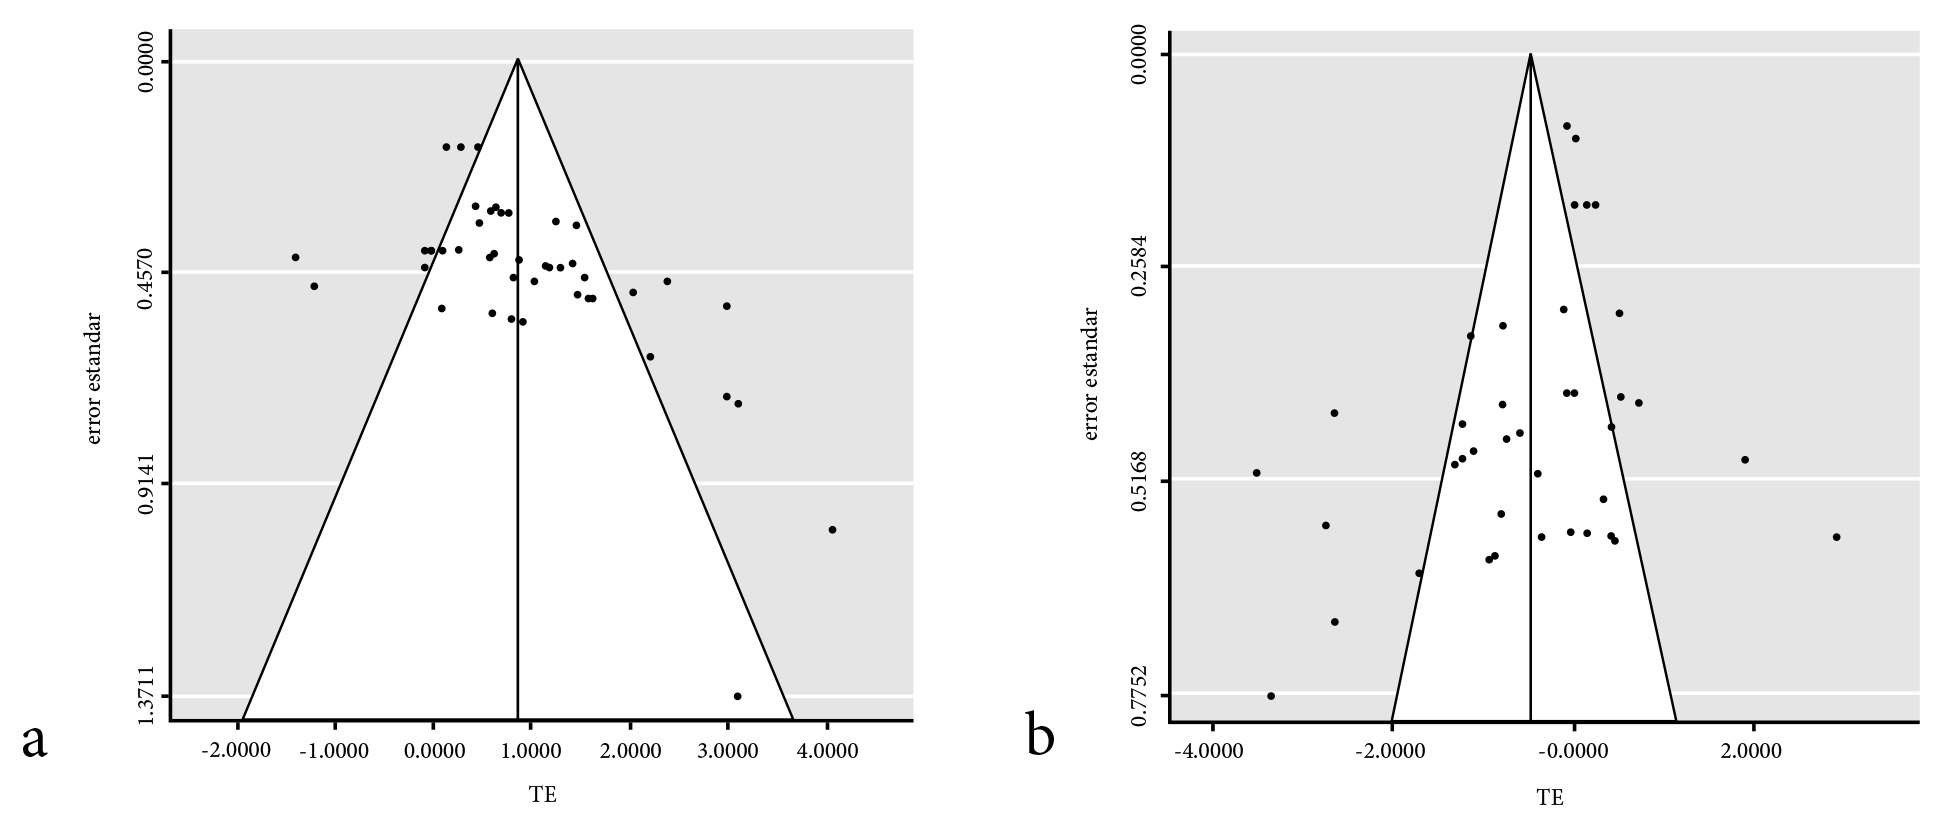 Gráficos de embudo para a) la fase de adquisición (t = 4.17; df = 46; p < 0.01; B = -0.43) y b) retención (t = -2.31; df = 47; p= 0.02; B = 0.17)